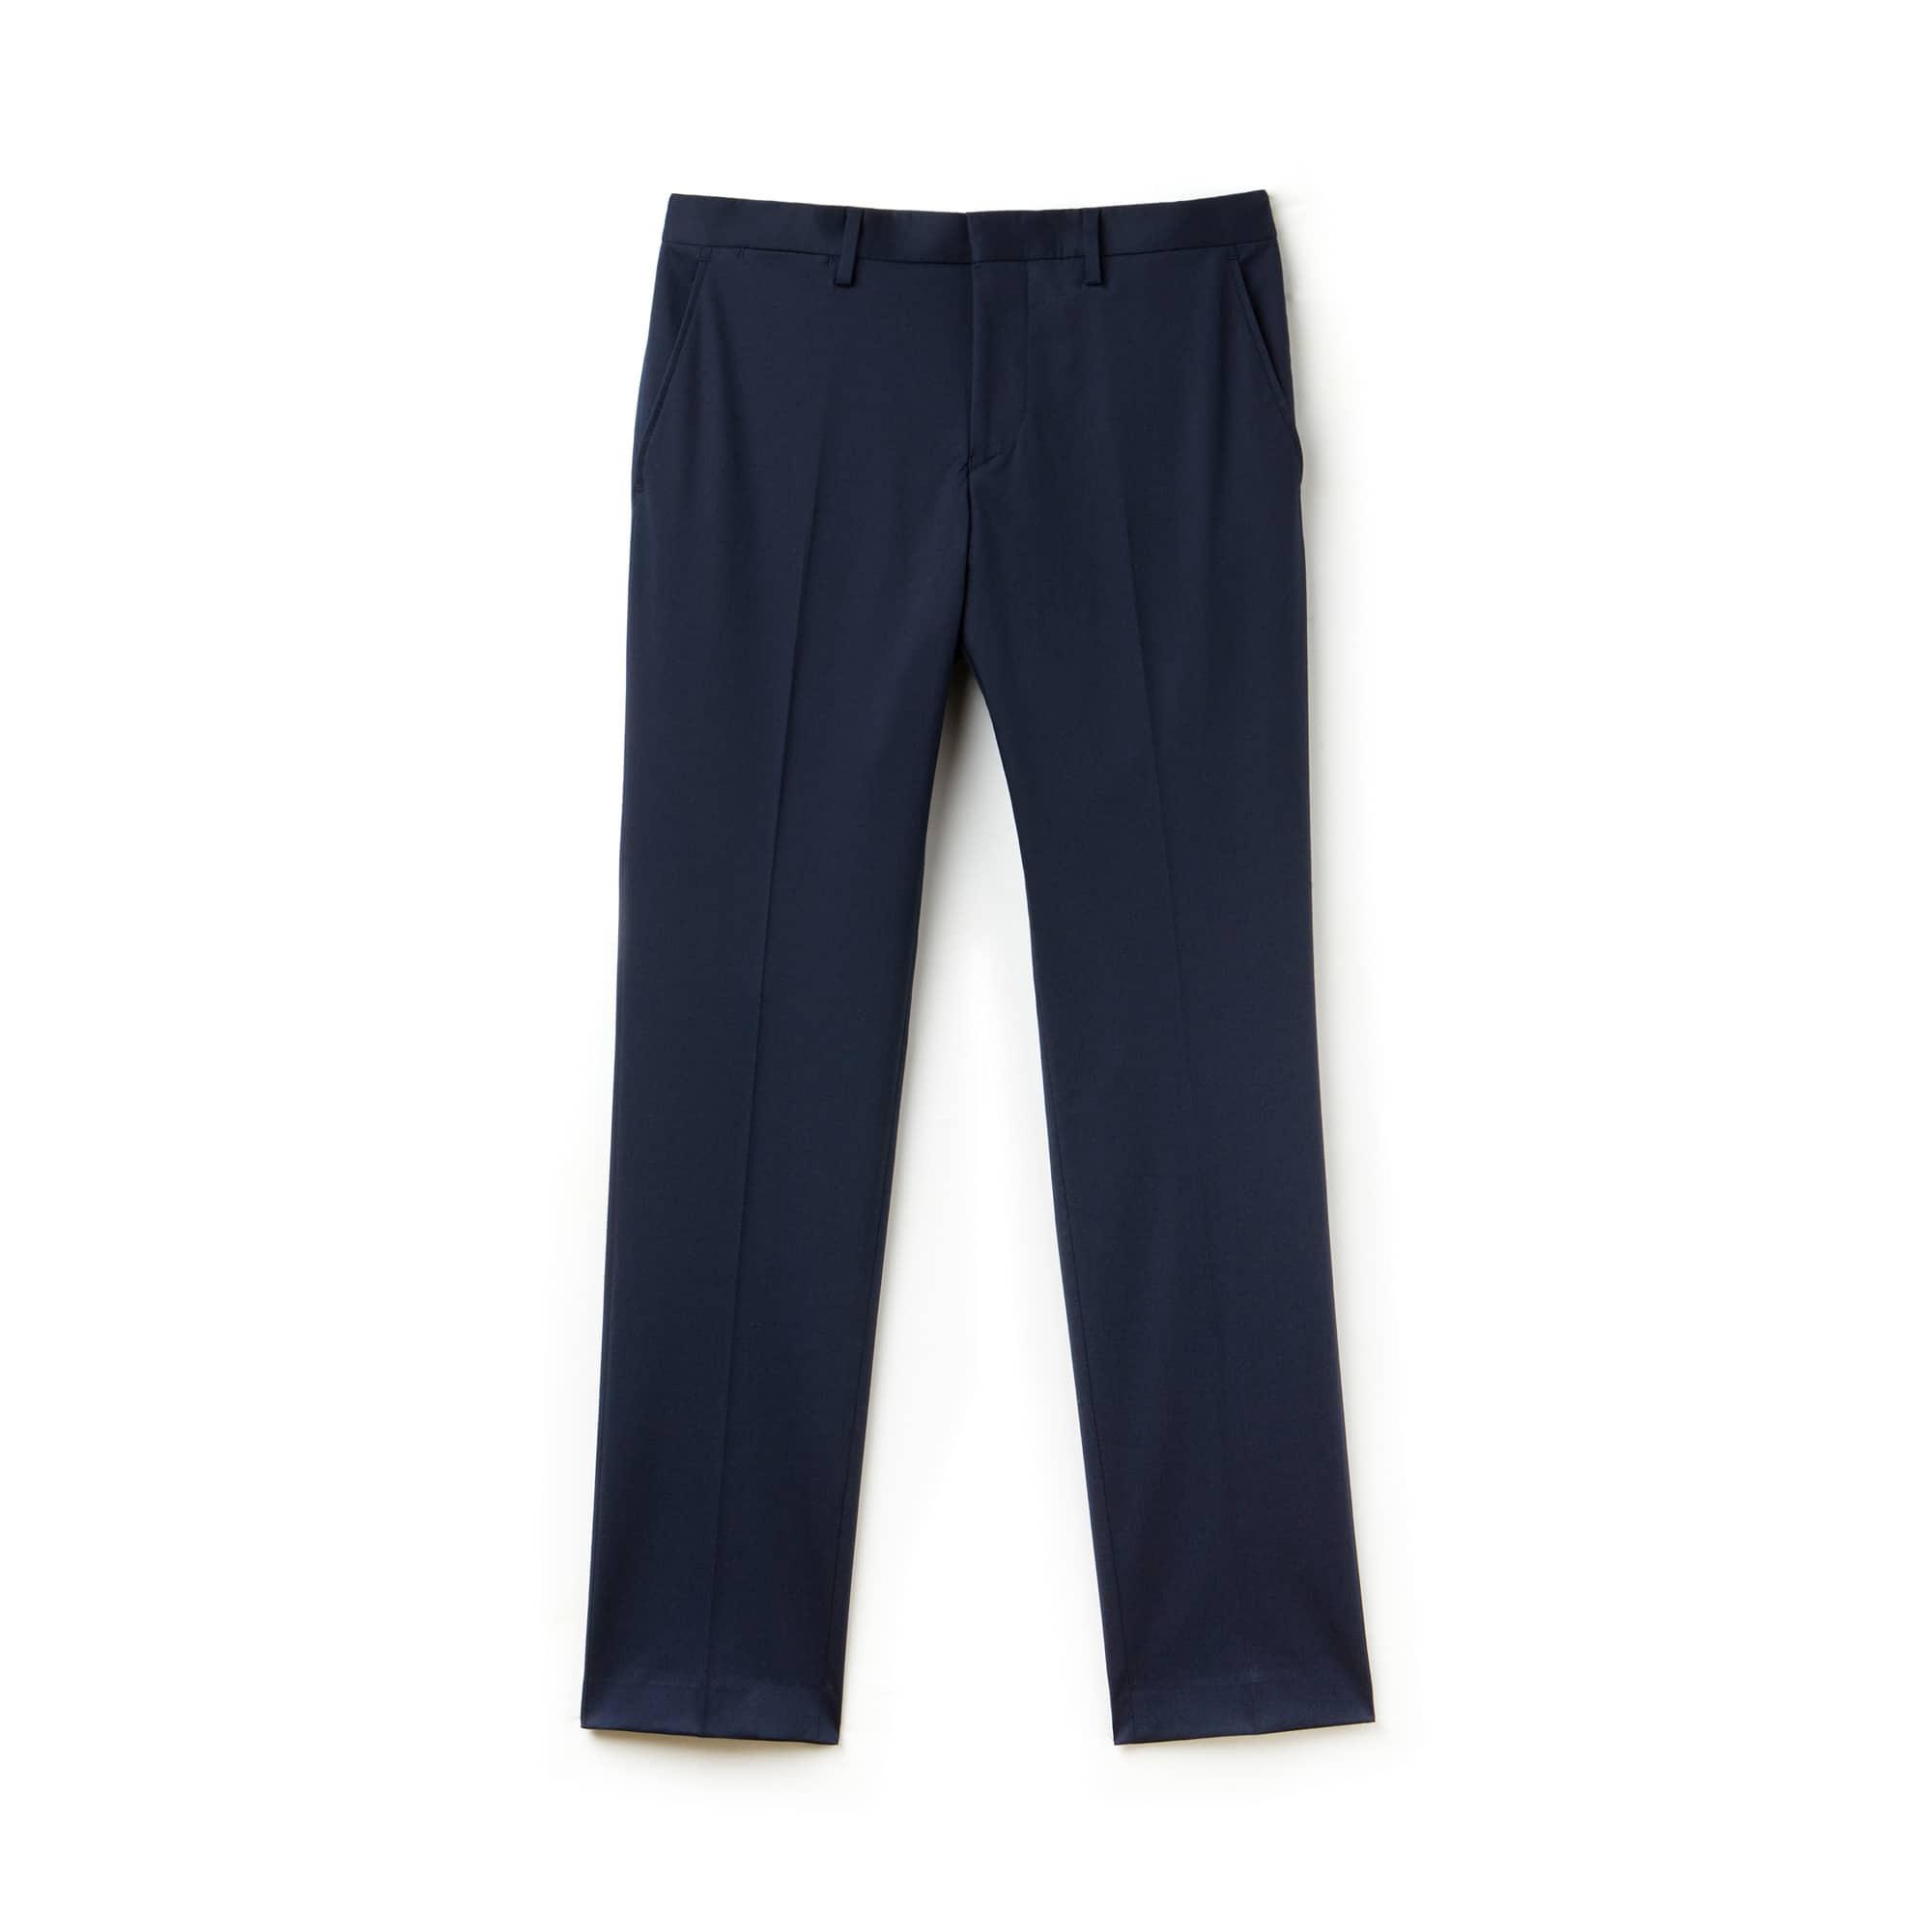 Pantalón chino con pinzas slim fit de gabardina lisa